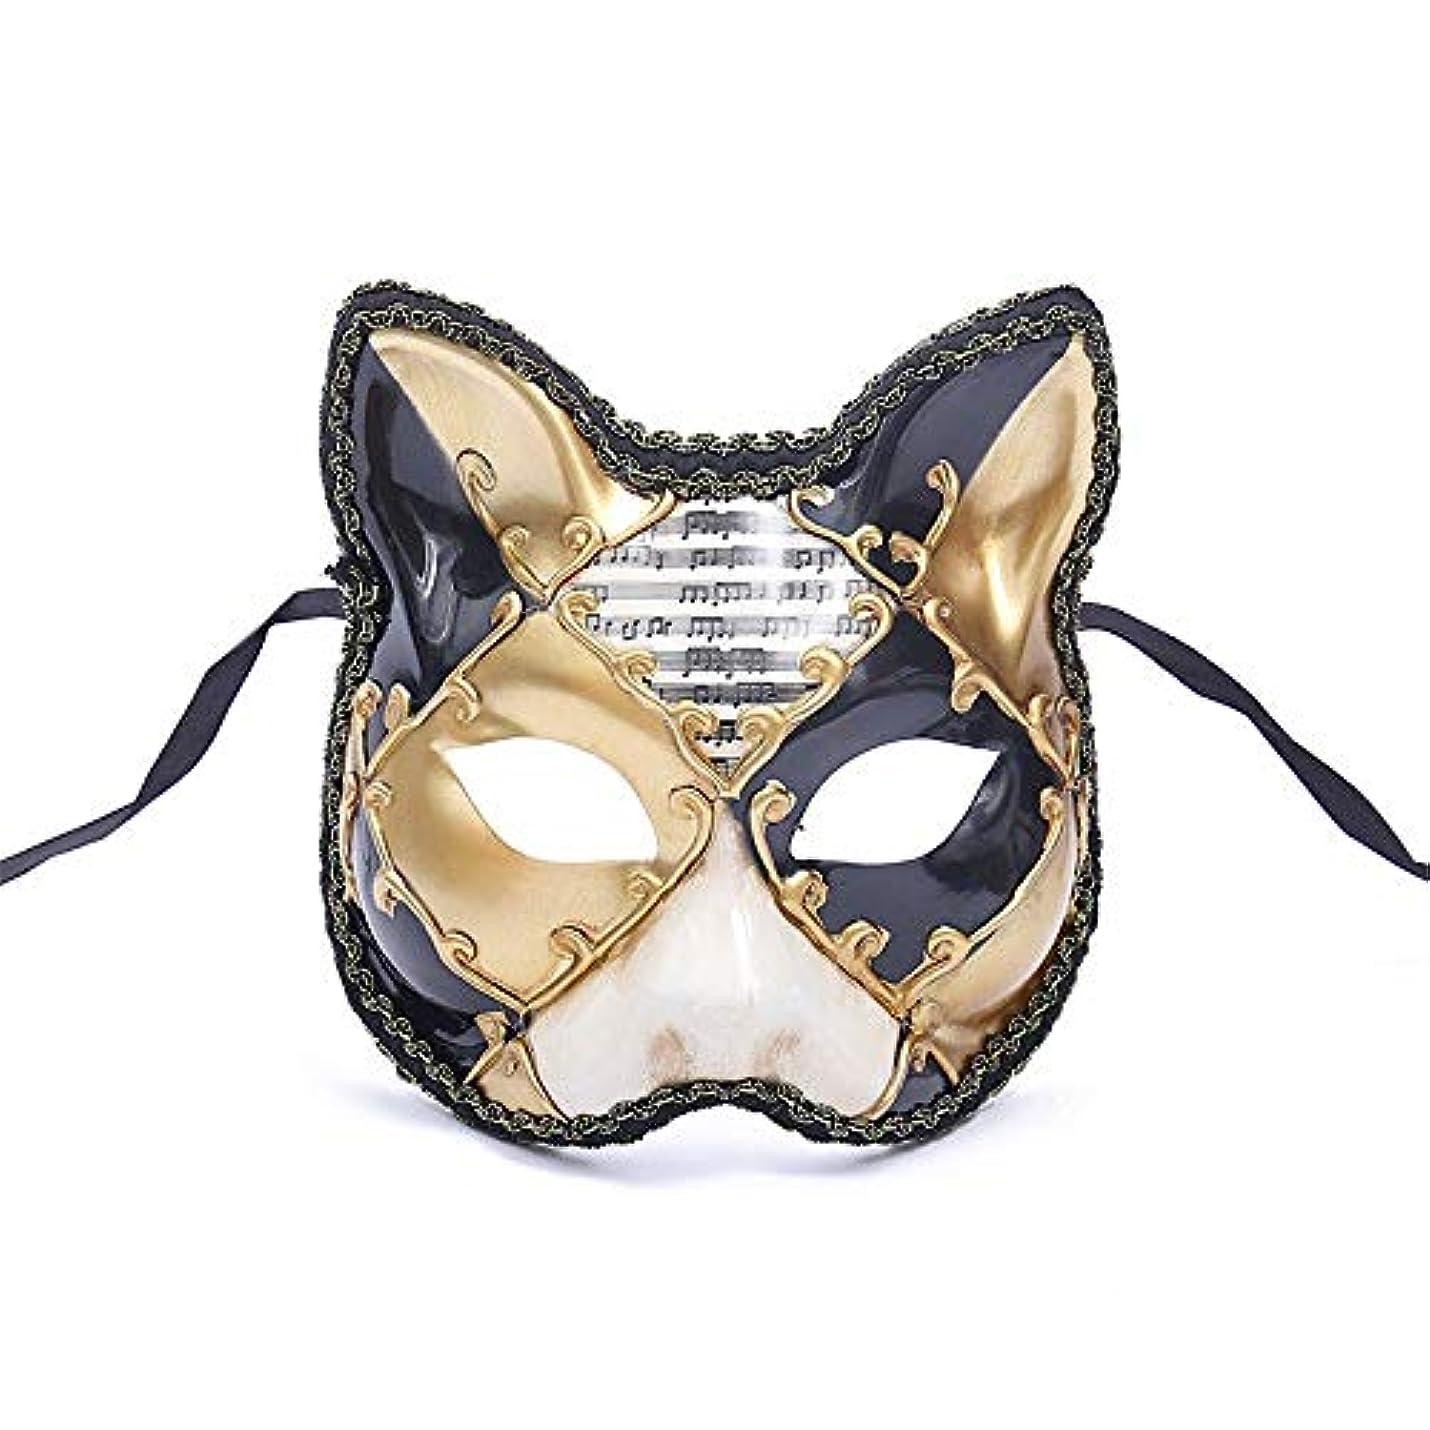 ラップ火緊張するダンスマスク 大きな猫アンティーク動物レトロコスプレハロウィーン仮装マスクナイトクラブマスク雰囲気フェスティバルマスク ホリデーパーティー用品 (色 : 黄, サイズ : 17.5x16cm)